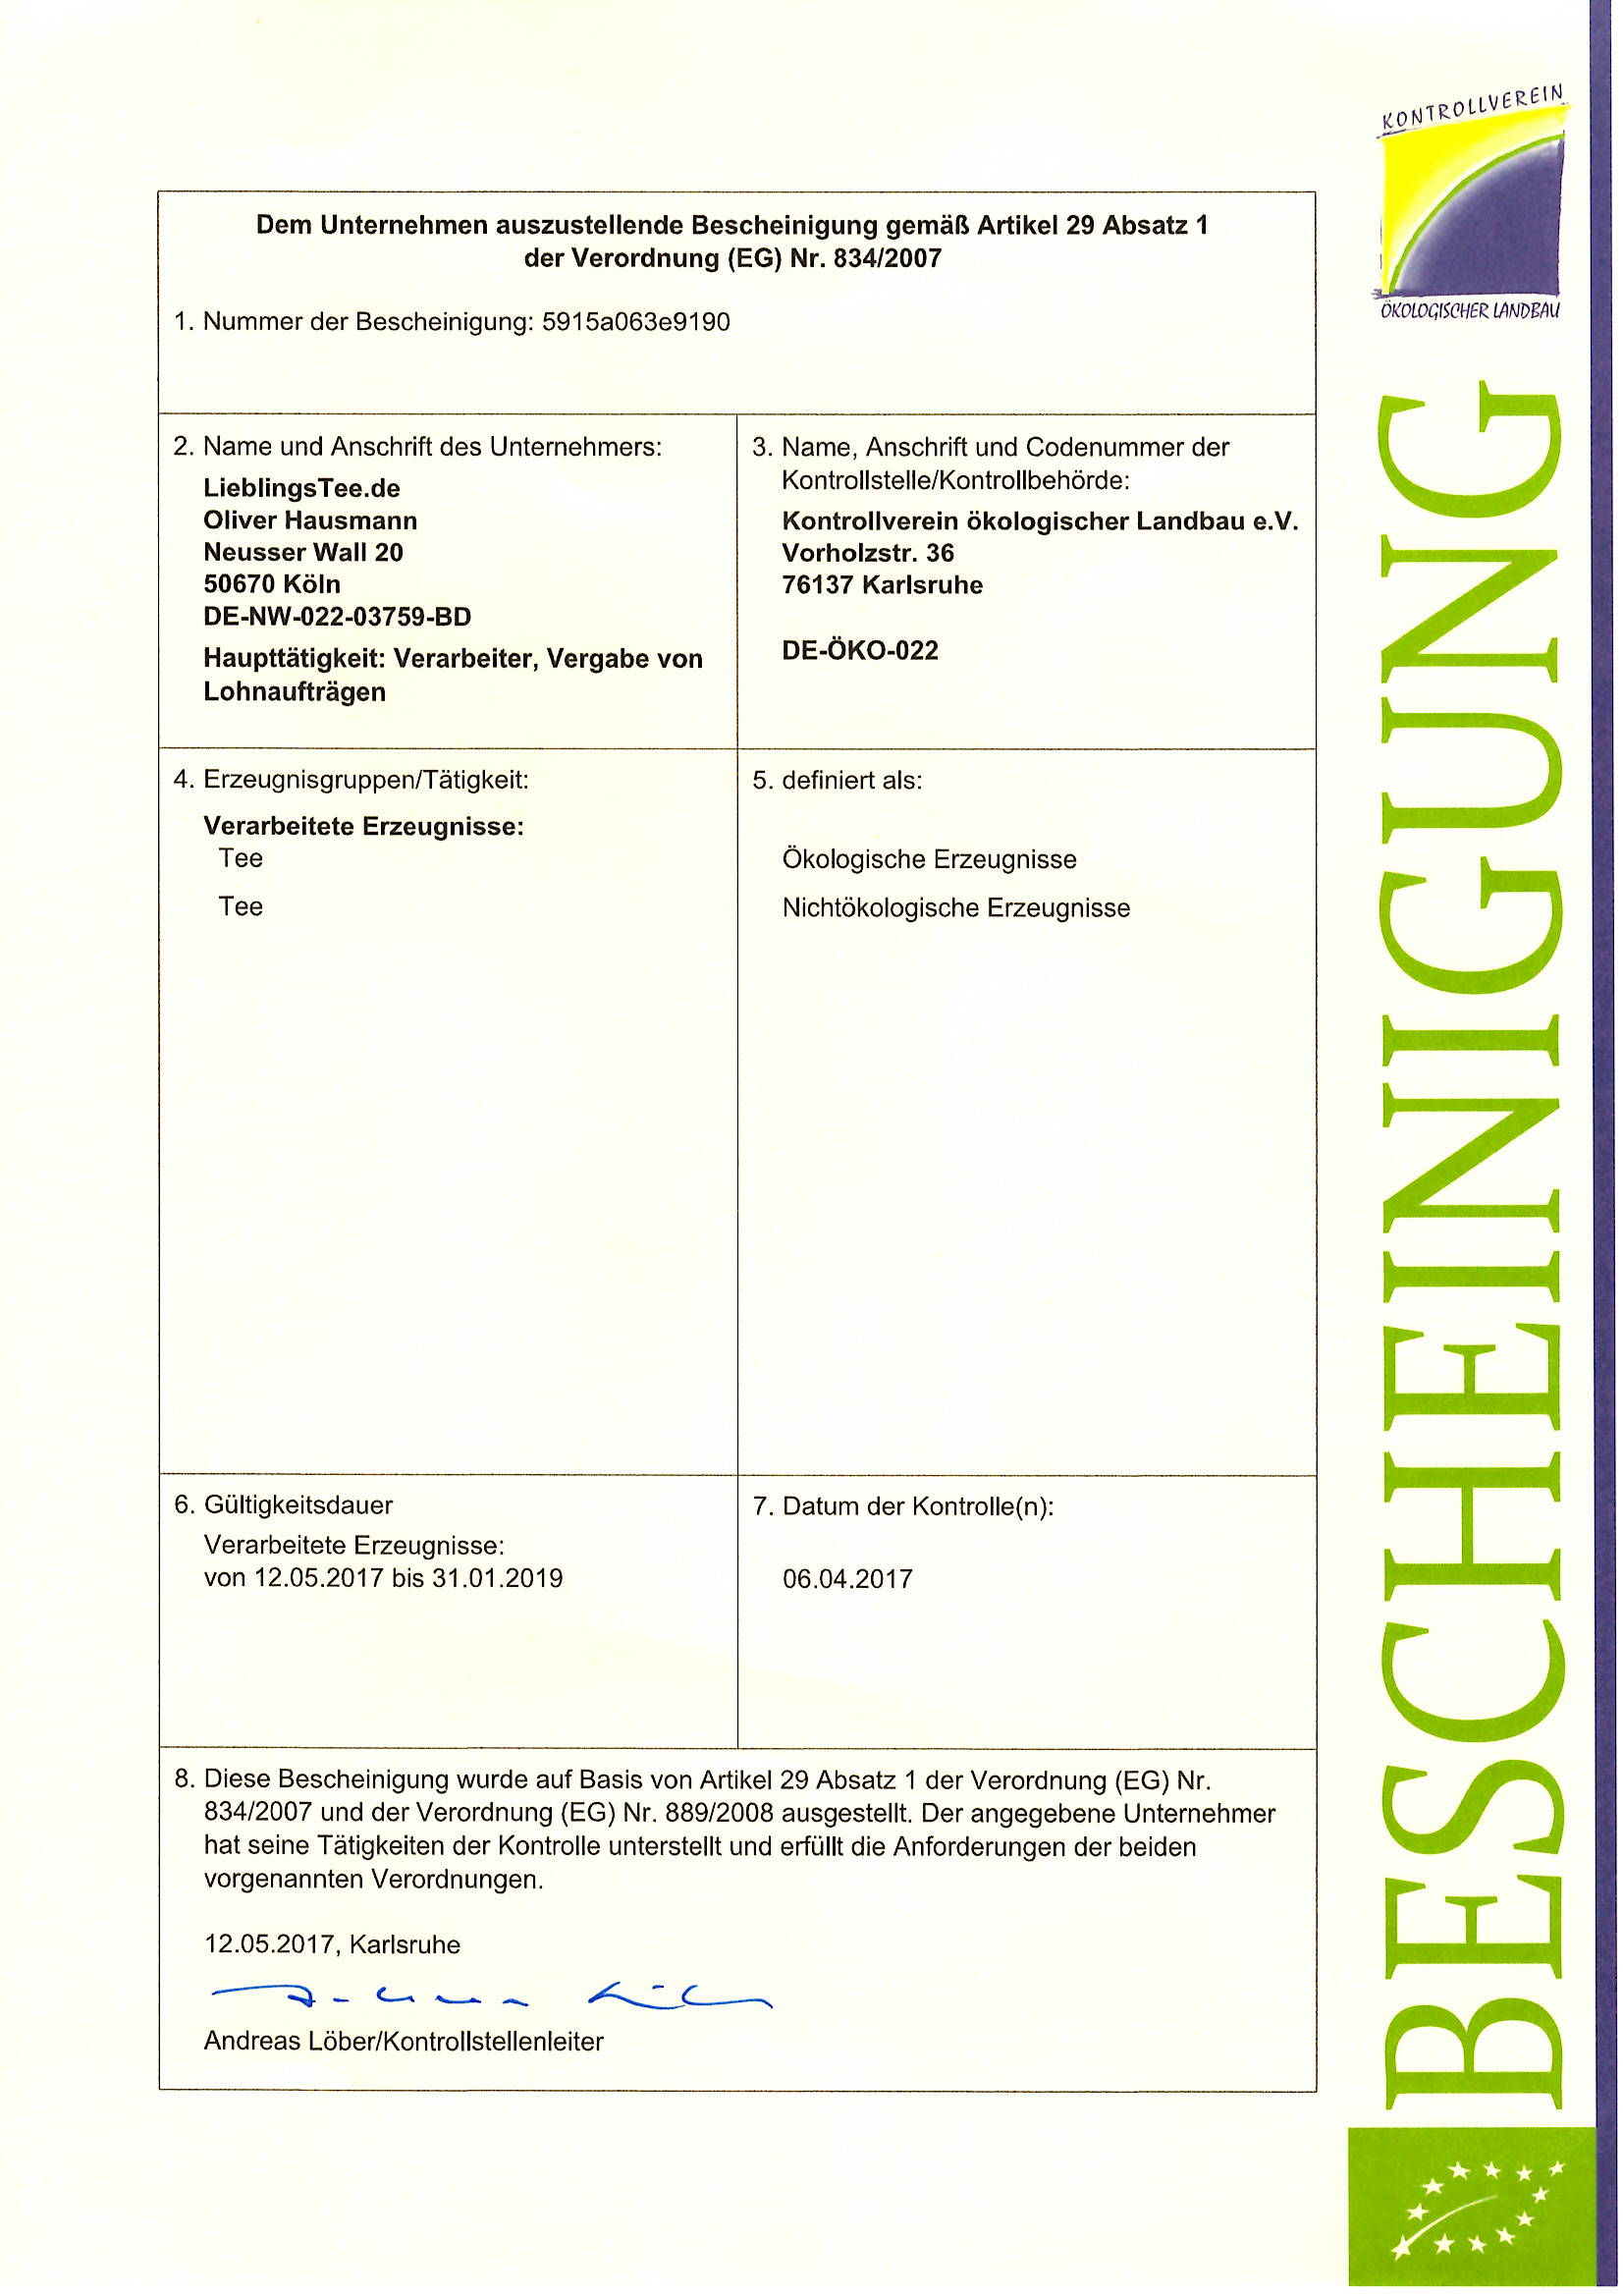 Bio Zertifikat Lieblingstee